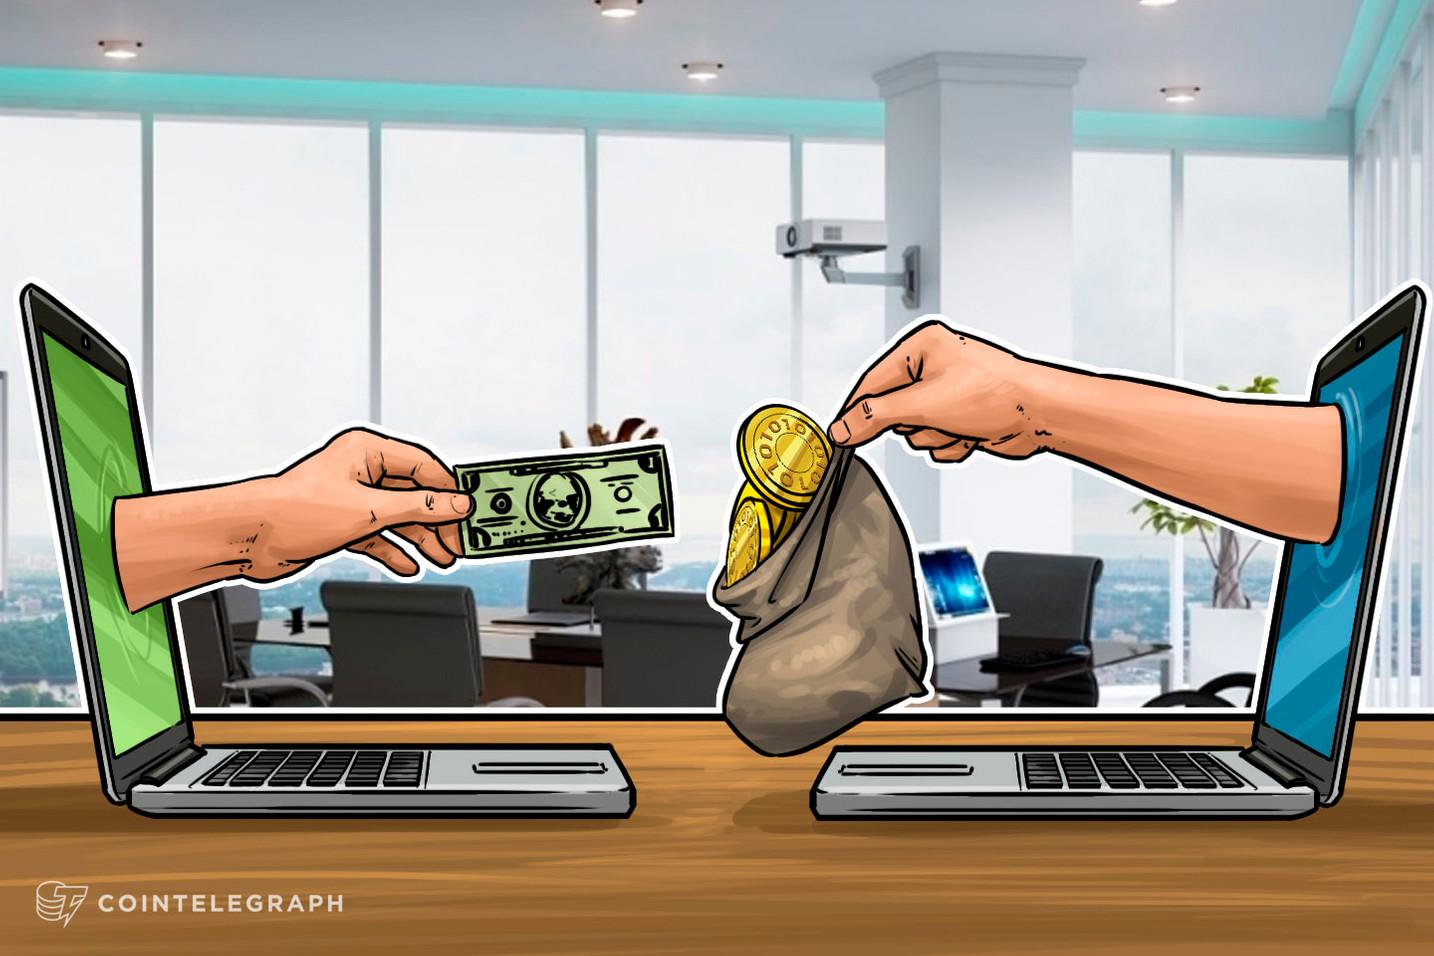 Plataforma de pagamento cripto BitPay introduz liquidação em Stablecoins